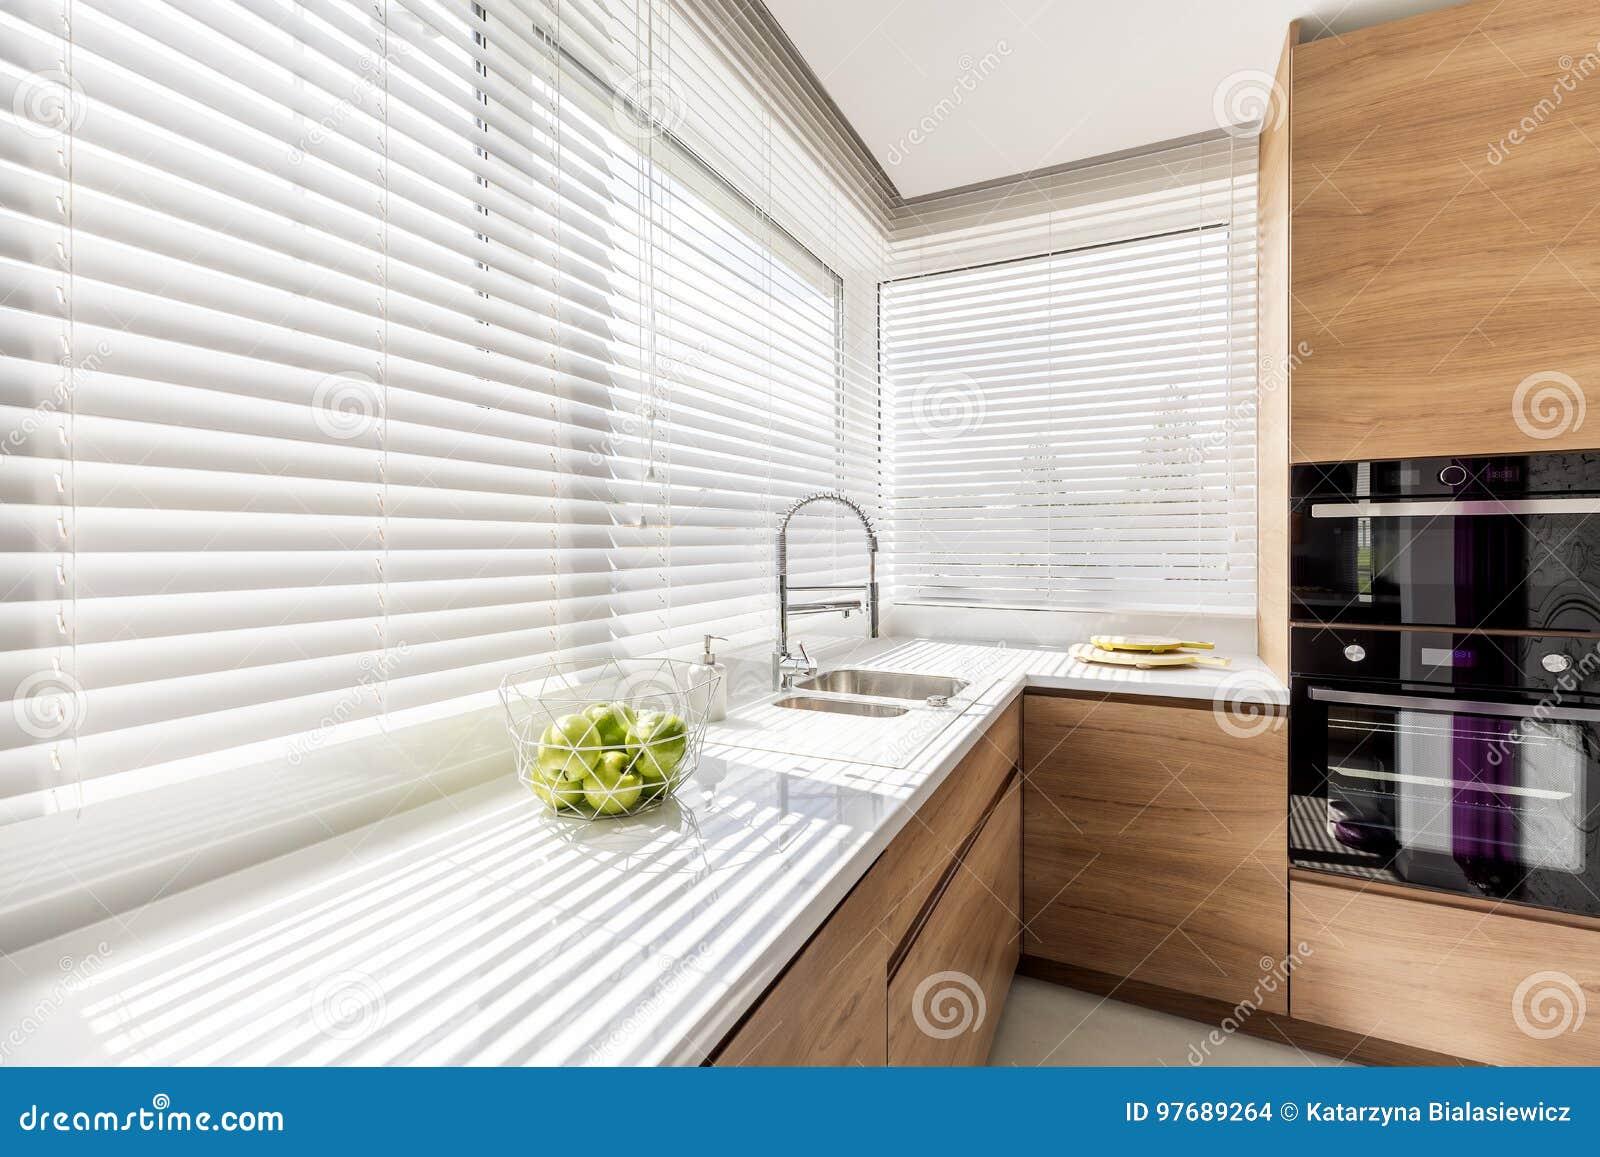 Cocina con las persianas de ventana blancas foto de for Ventanas con persianas incorporadas